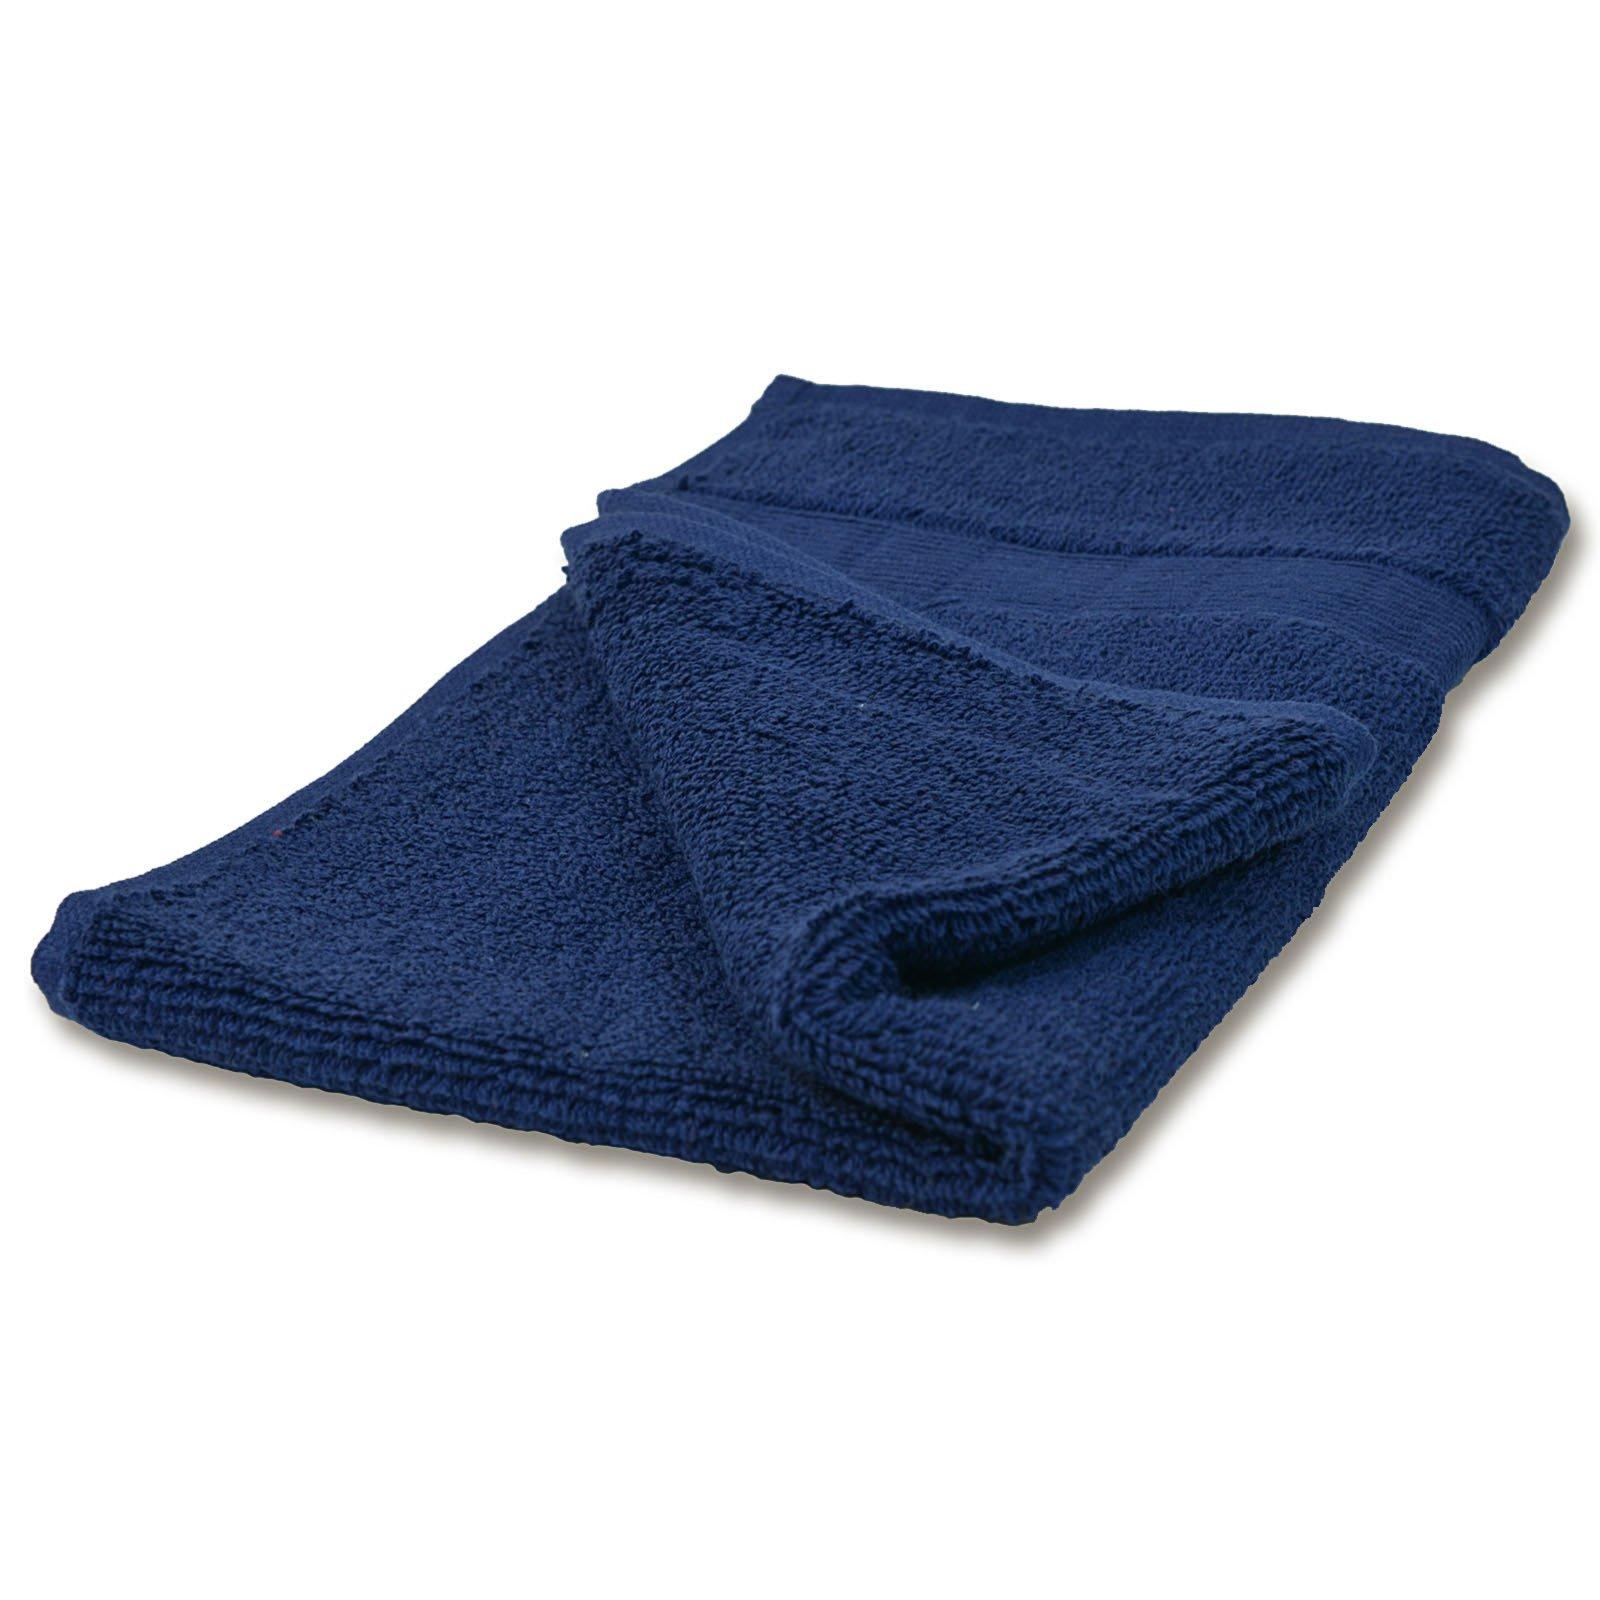 Gästehandtuch CAESAR - blau - Baumwolle - 30x50 cm